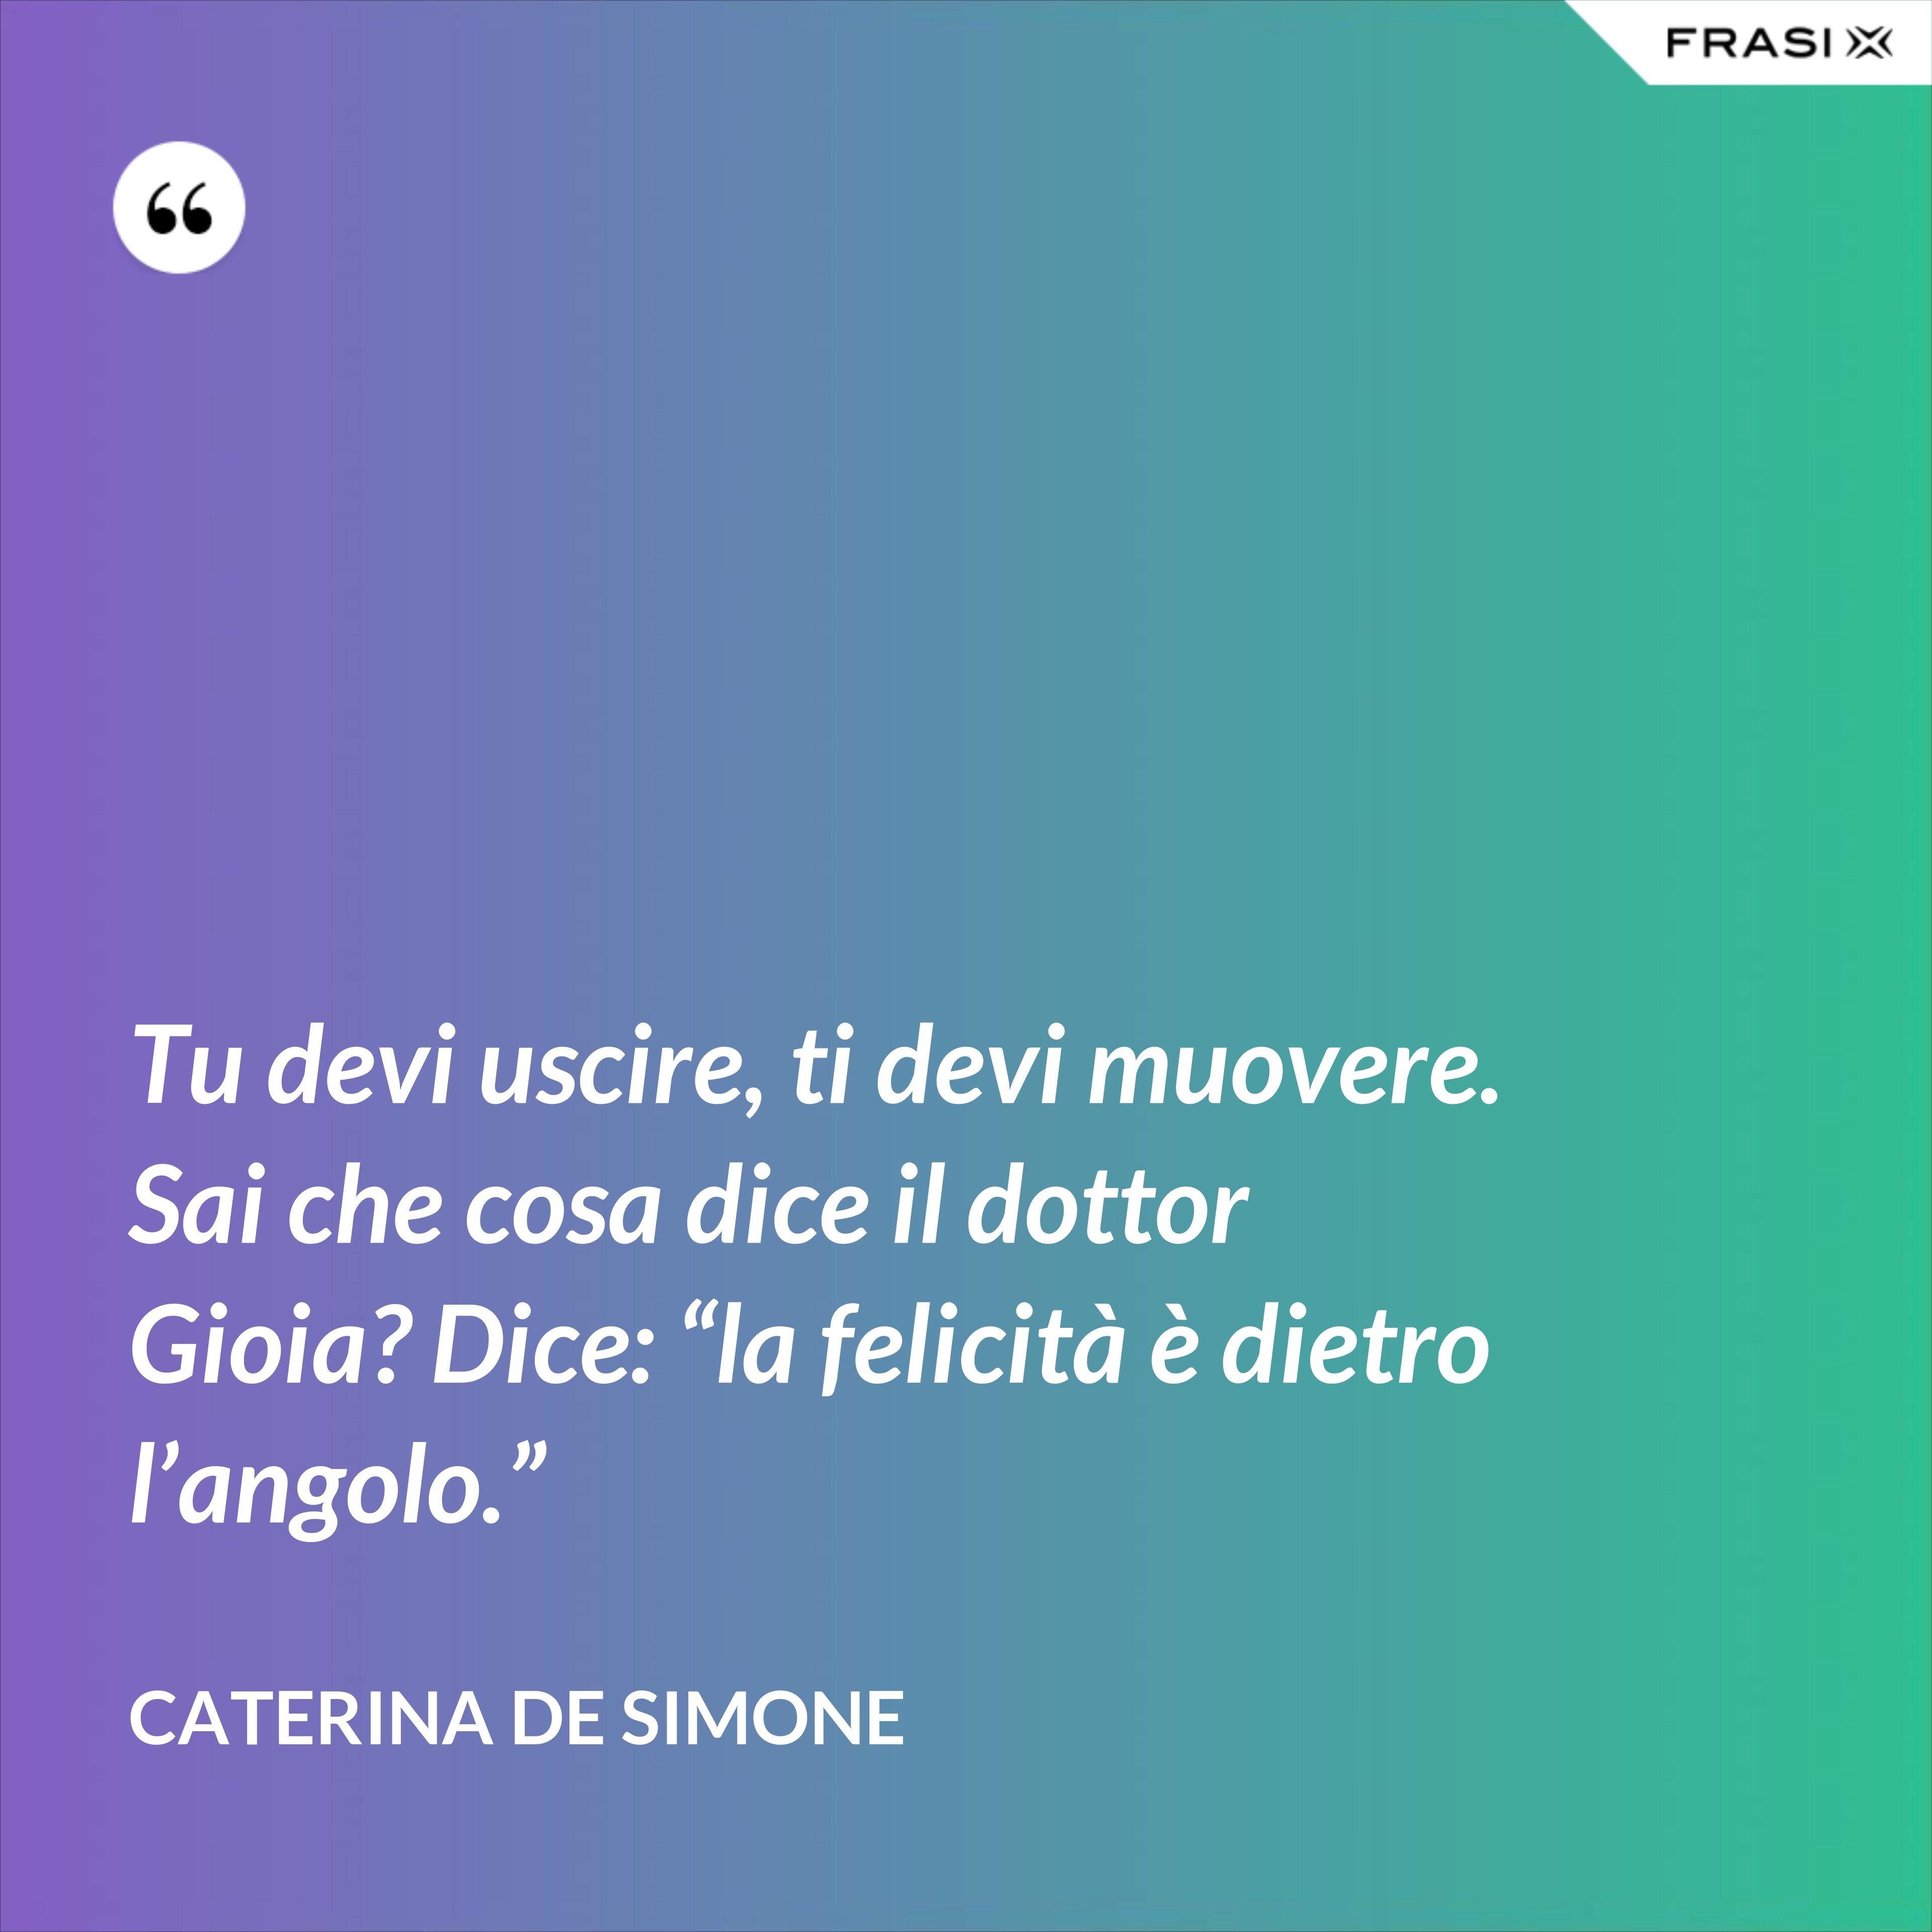 """Tu devi uscire, ti devi muovere. Sai che cosa dice il dottor Gioia? Dice: """"la felicità è dietro l'angolo."""" - Caterina De Simone"""